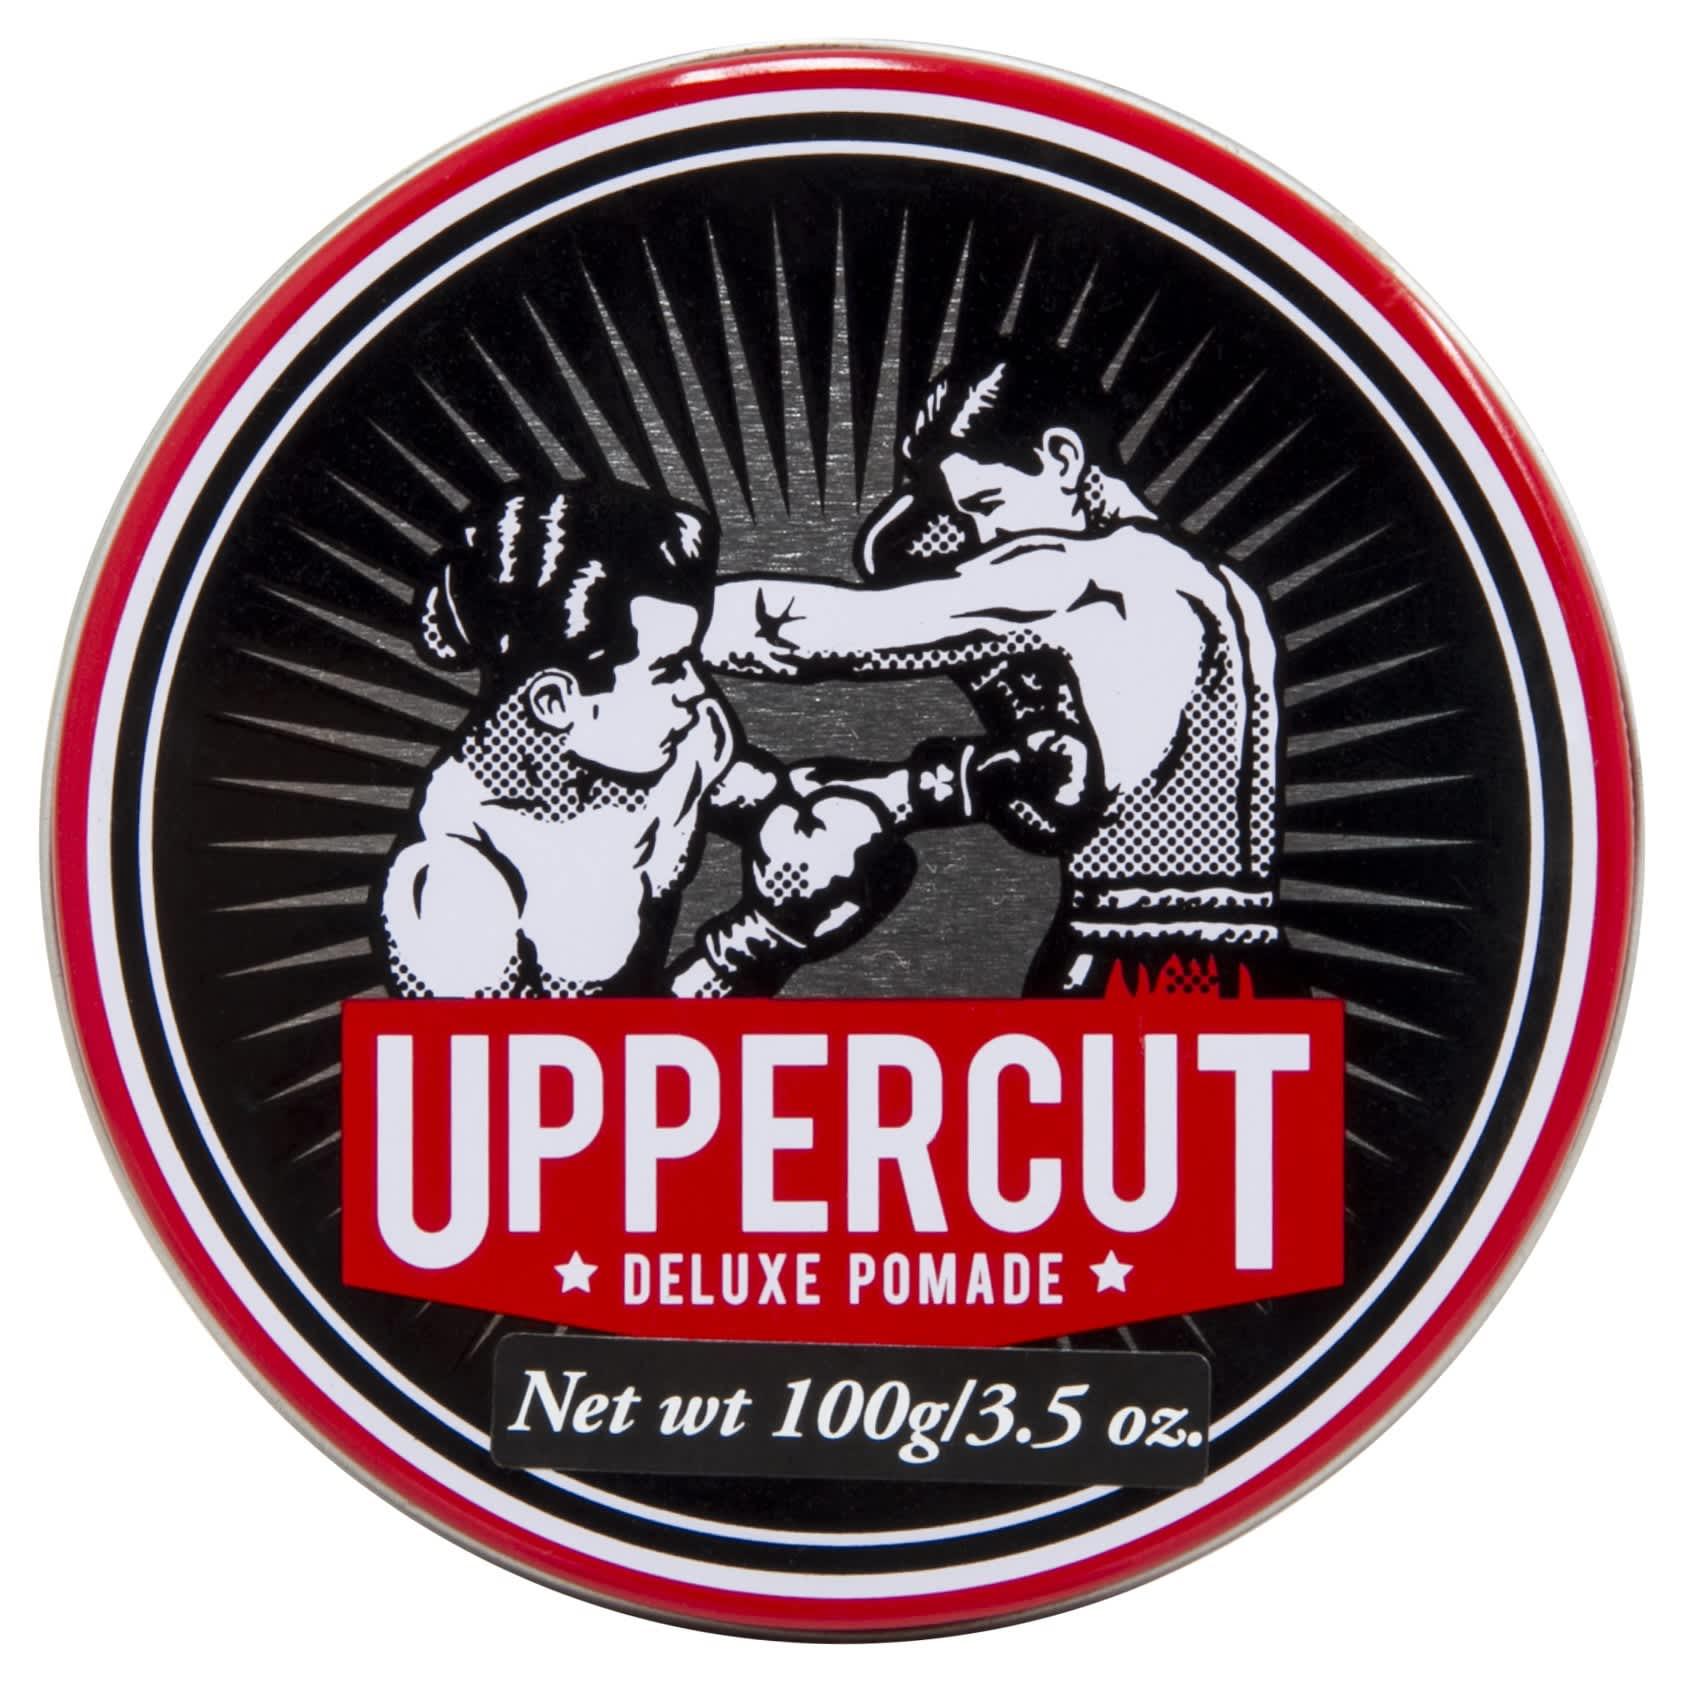 Uppercut Deluxe 100g Deluxe Hair Pomade